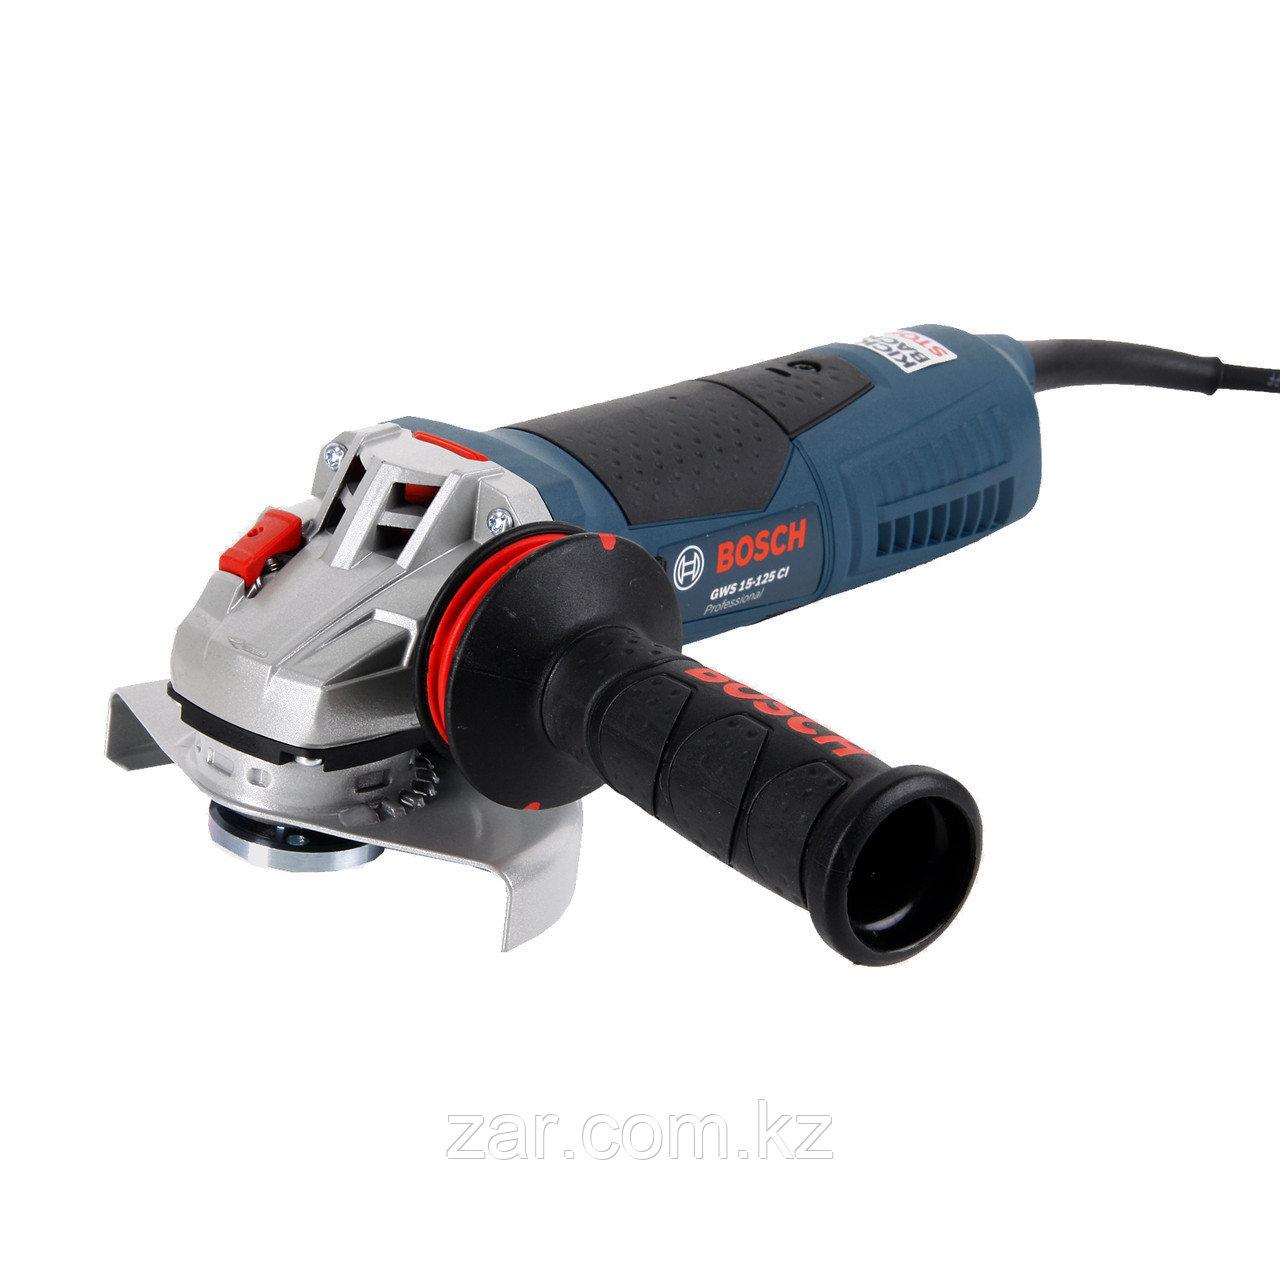 Углошлифмашина Bosch GWS 15-125 CIE 0601796003